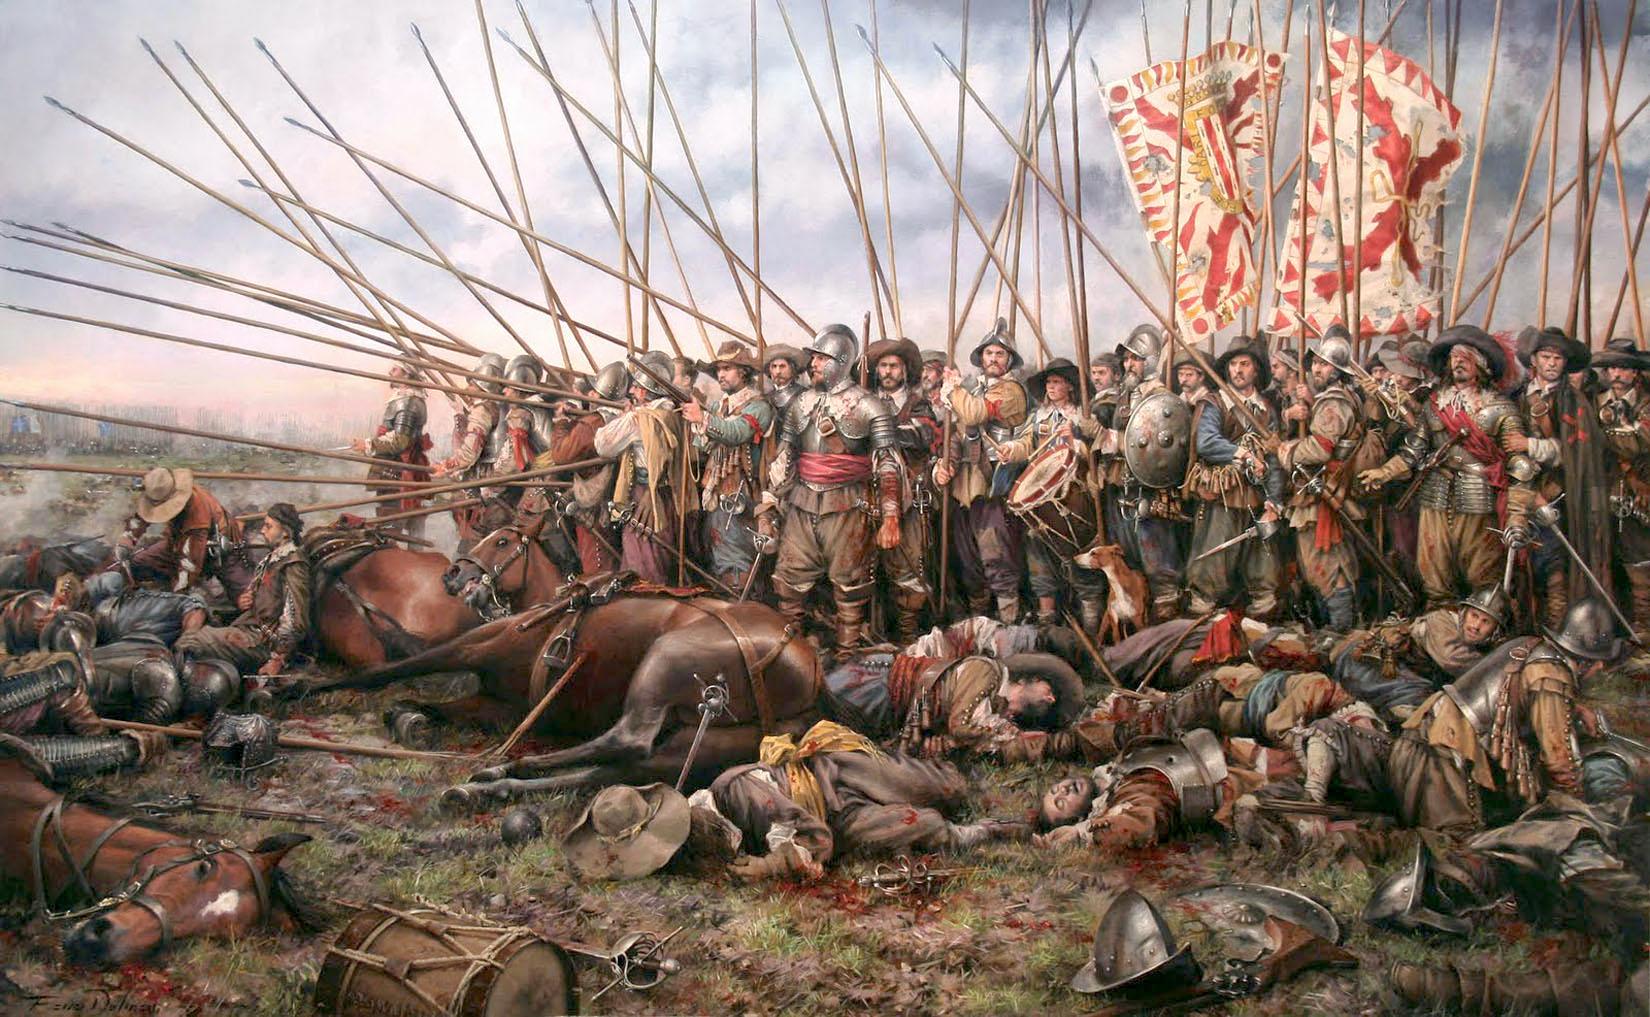 """""""Rocroi, el último Tercio"""", a painting by Augusto Ferrer-Dalmau"""